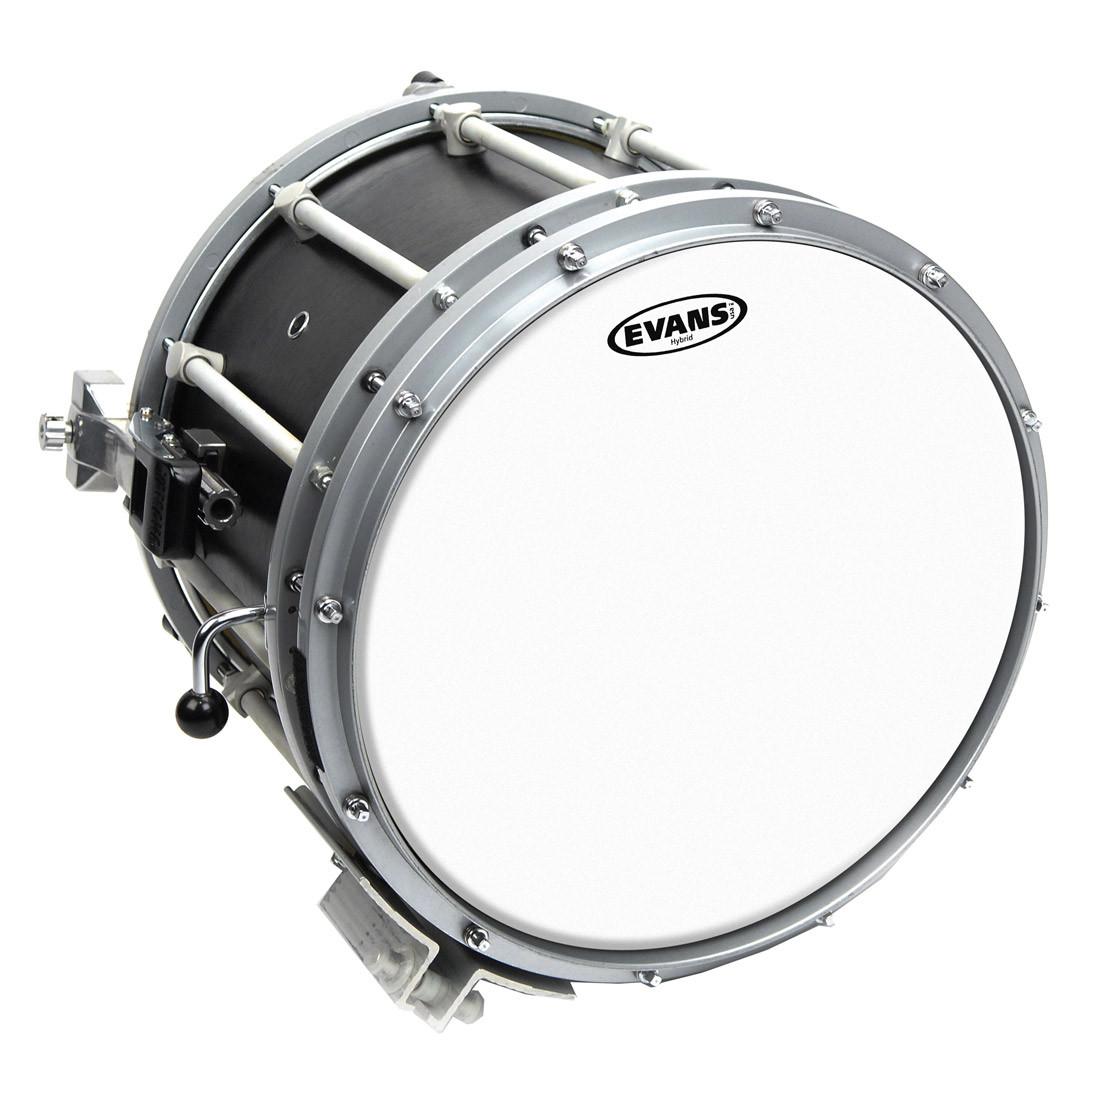 evans 14 hybrid marching snare drum batter head white drums on sale. Black Bedroom Furniture Sets. Home Design Ideas